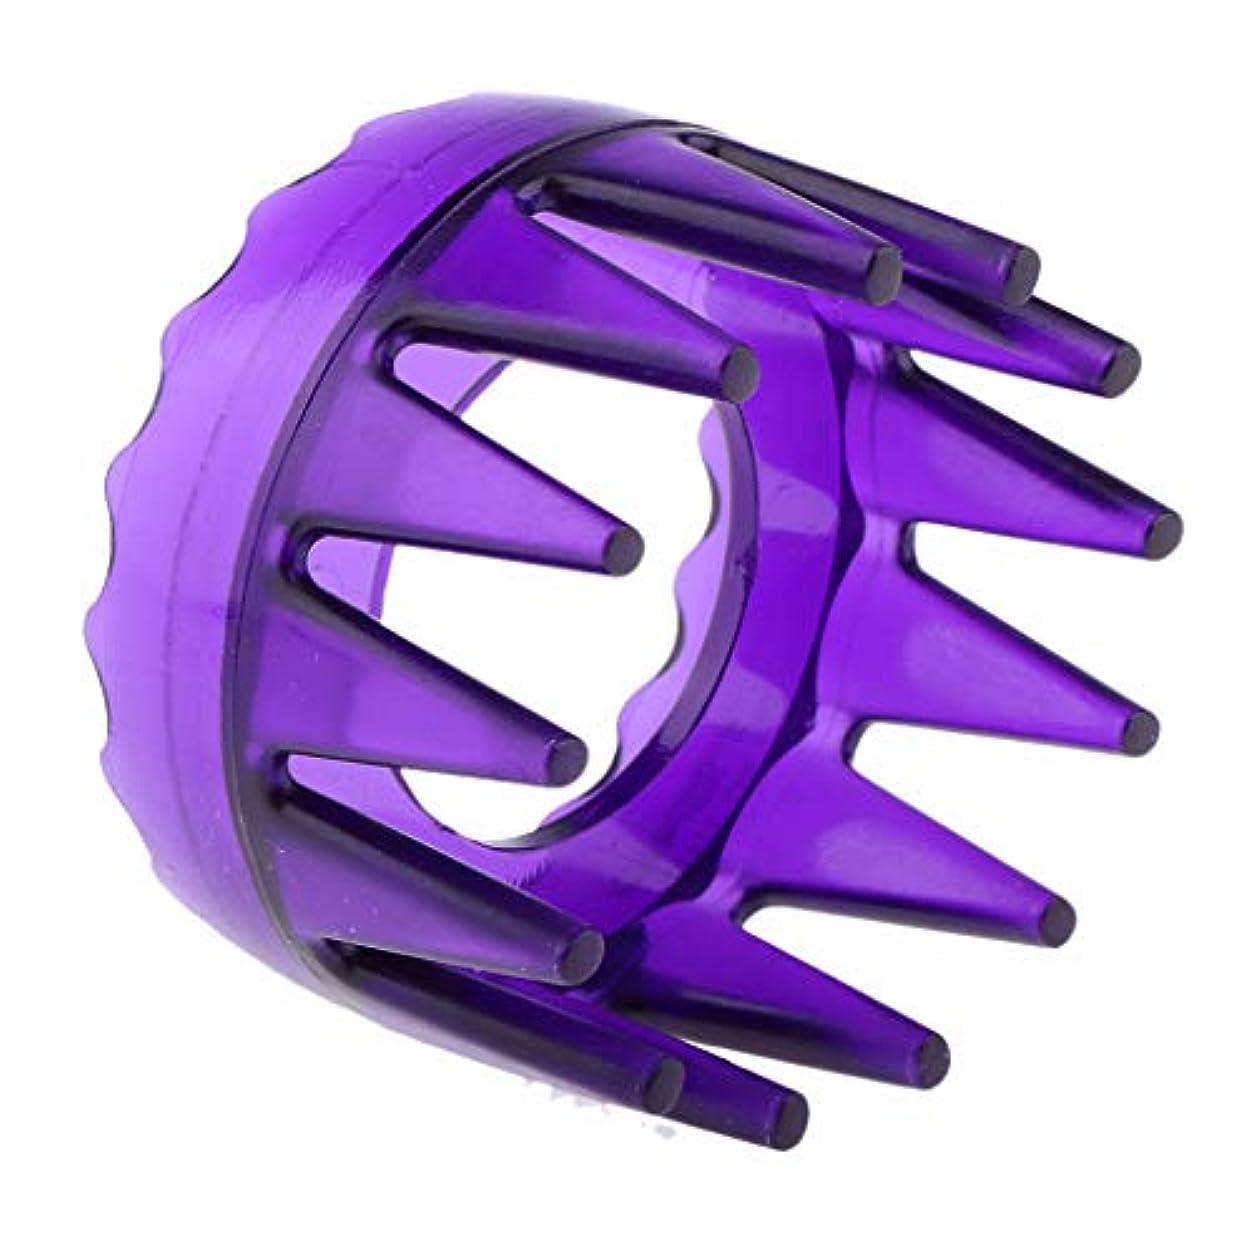 ハンディキャップ中断罪悪感頭皮マッサージ シャワー シャンプー ヘアブラシ マッサージャー櫛 ユニセックス 4色選べ - 紫